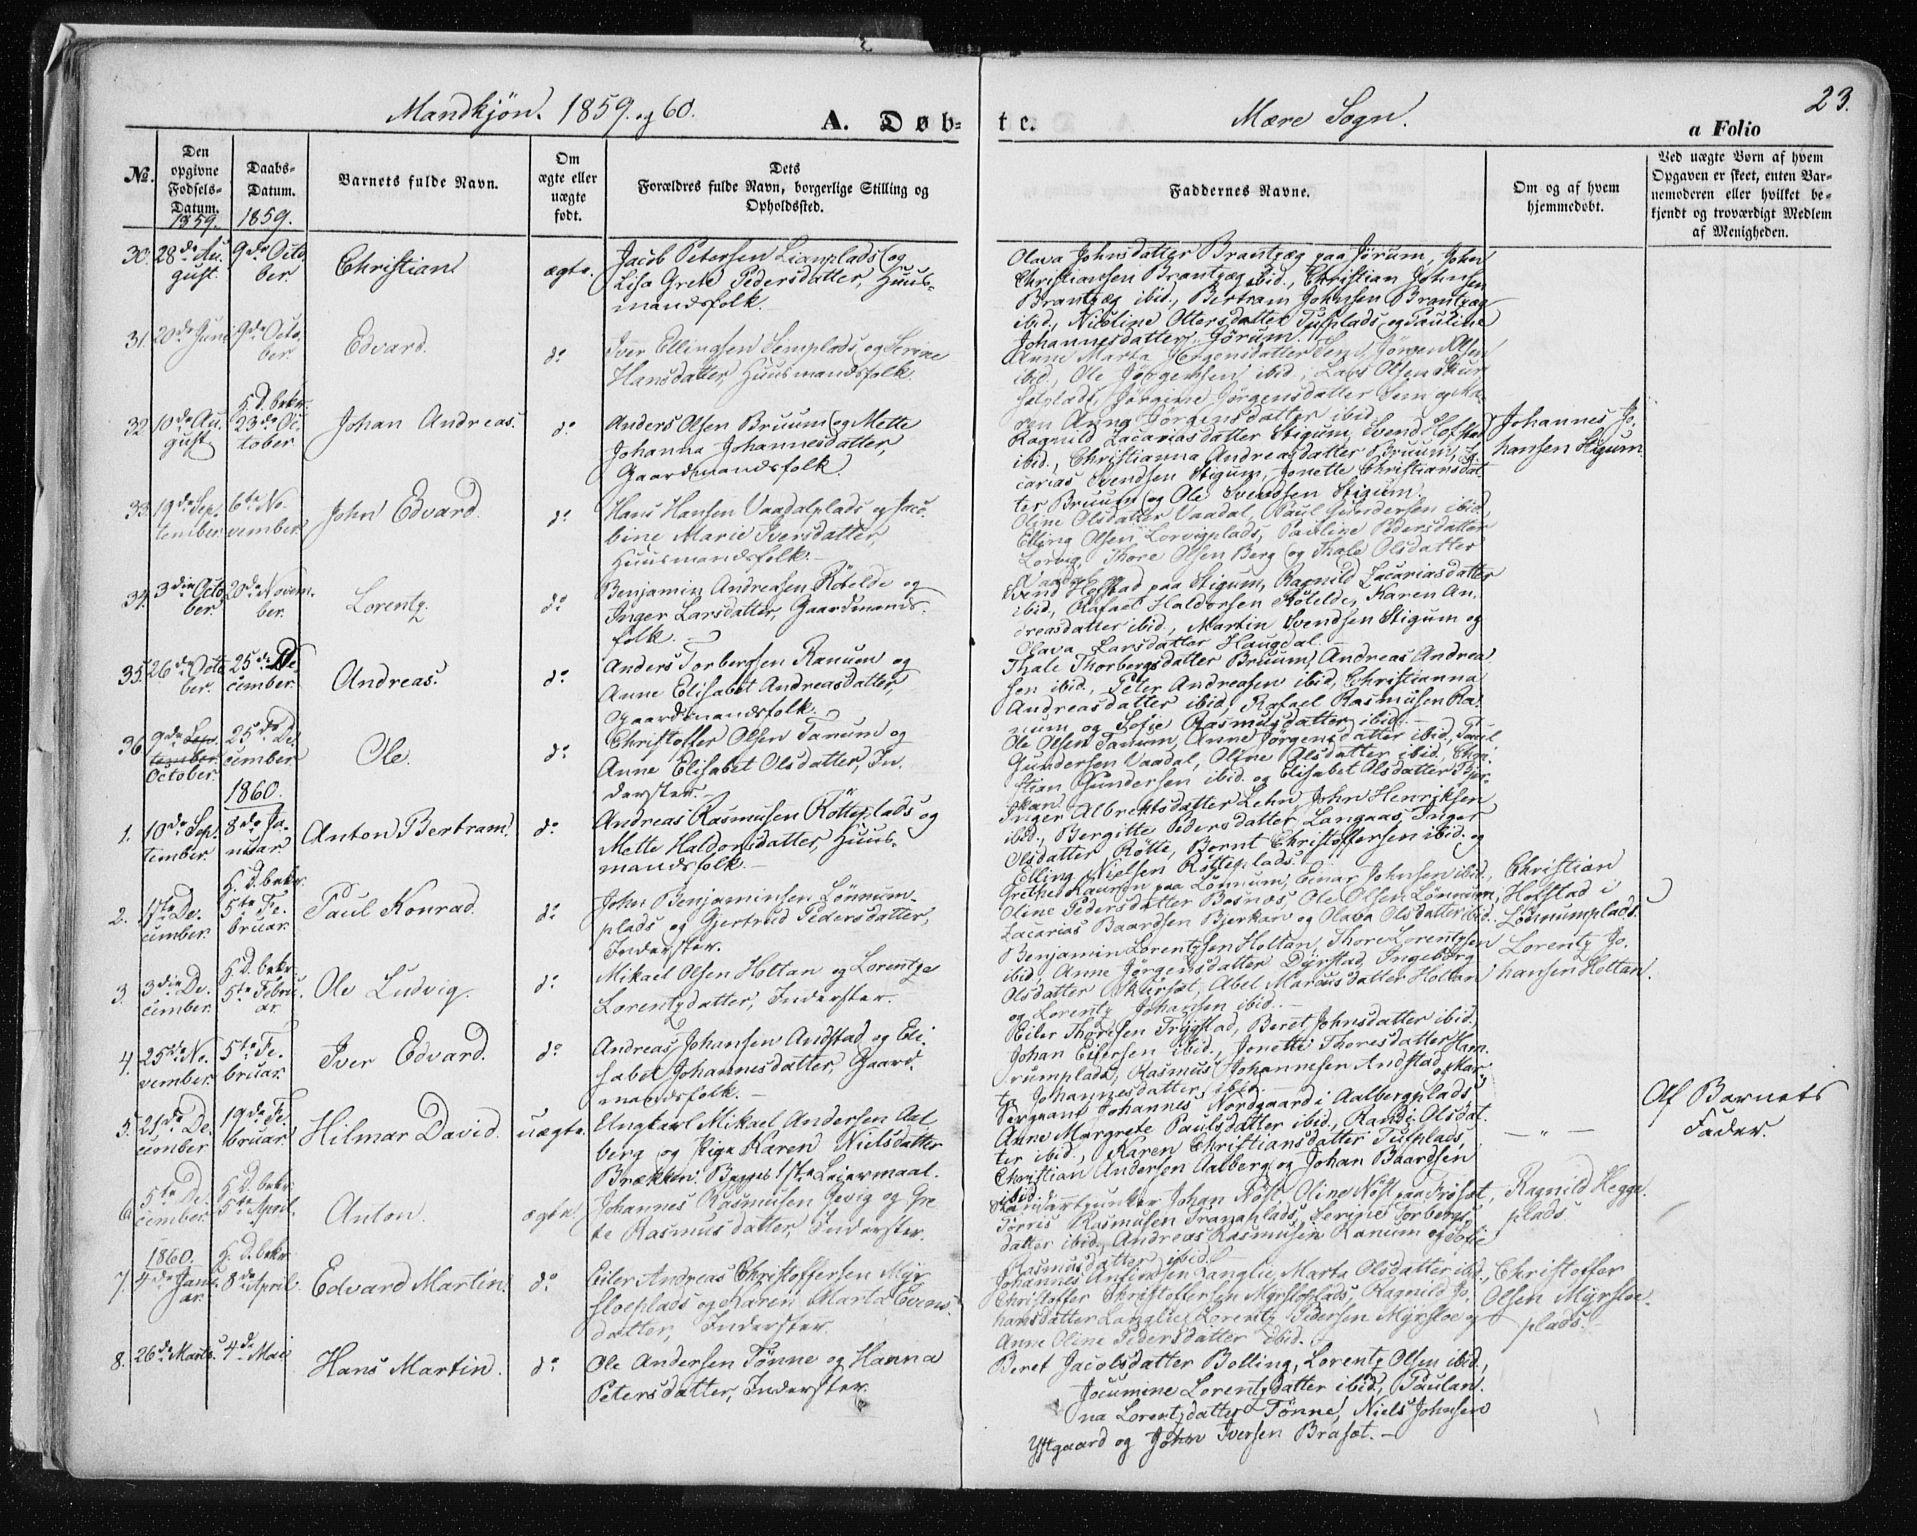 SAT, Ministerialprotokoller, klokkerbøker og fødselsregistre - Nord-Trøndelag, 735/L0342: Ministerialbok nr. 735A07 /1, 1849-1862, s. 23